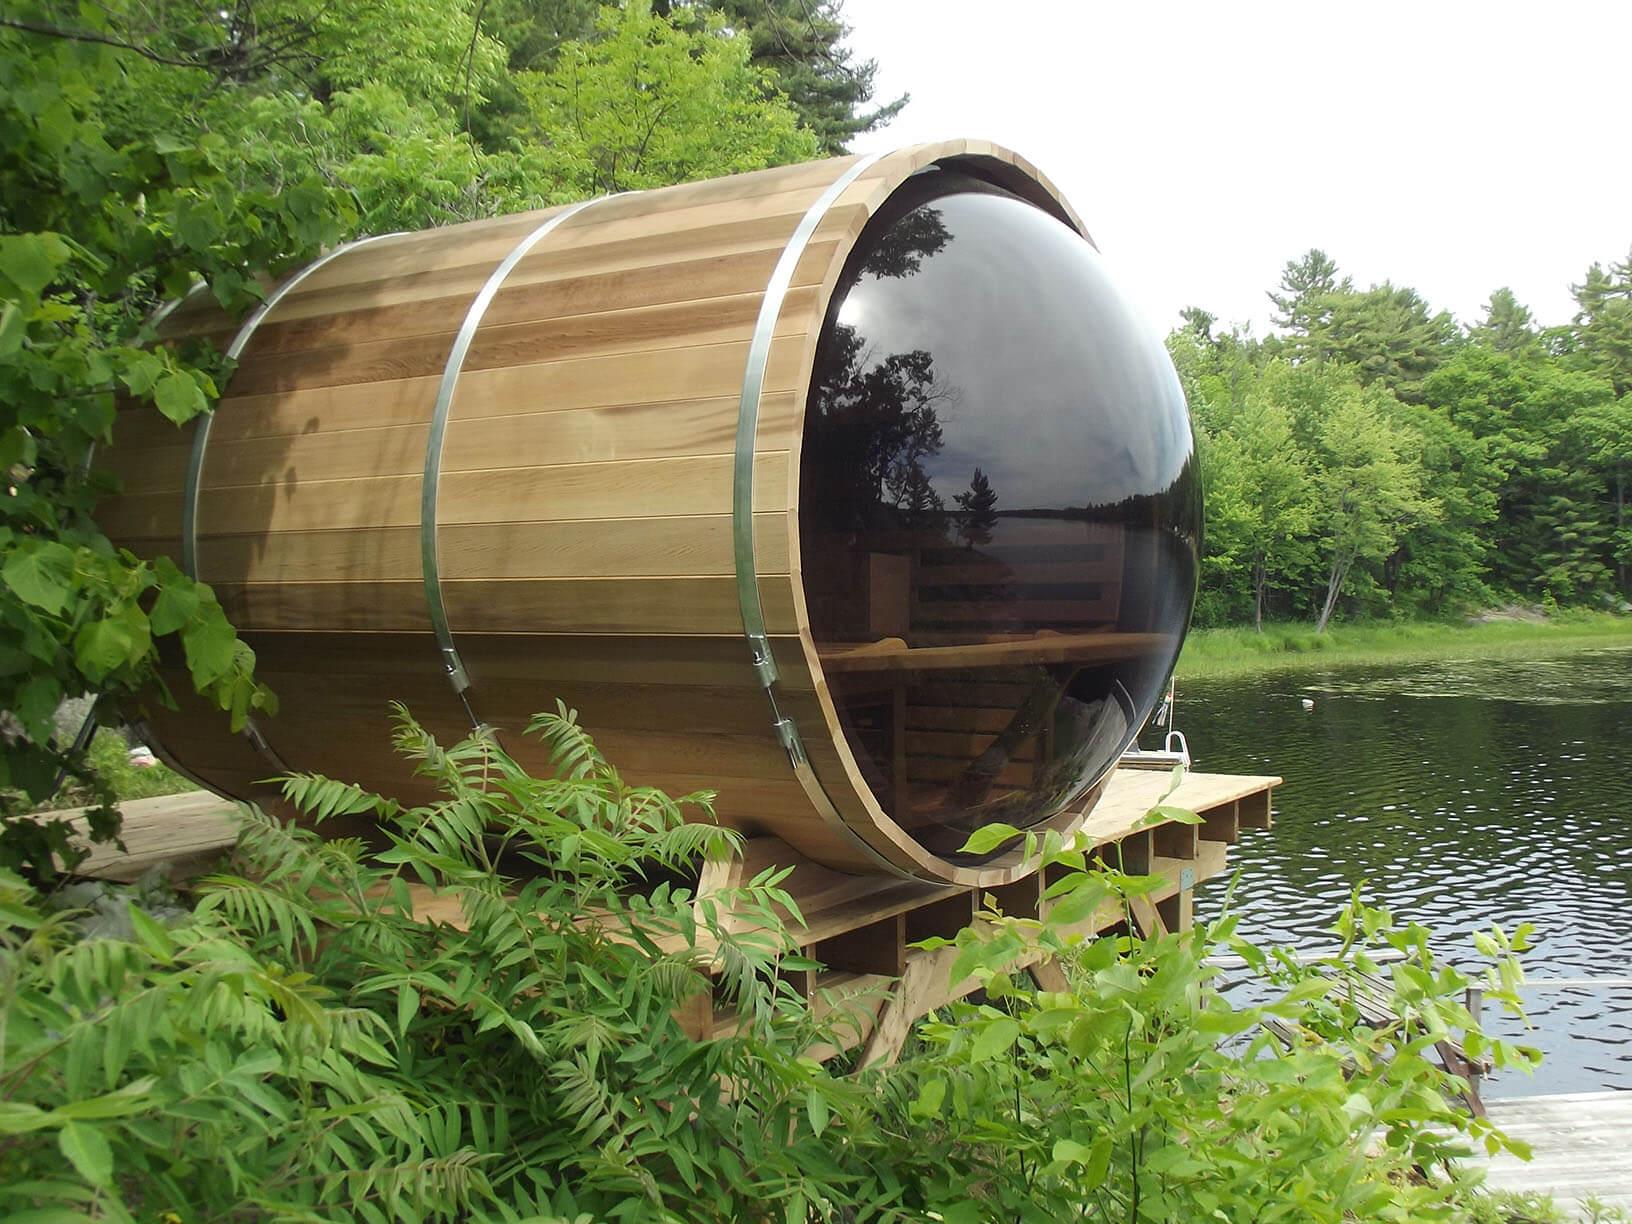 Panoramic-Barrel-Sauna-NatureR9nmrcKhRmAZ